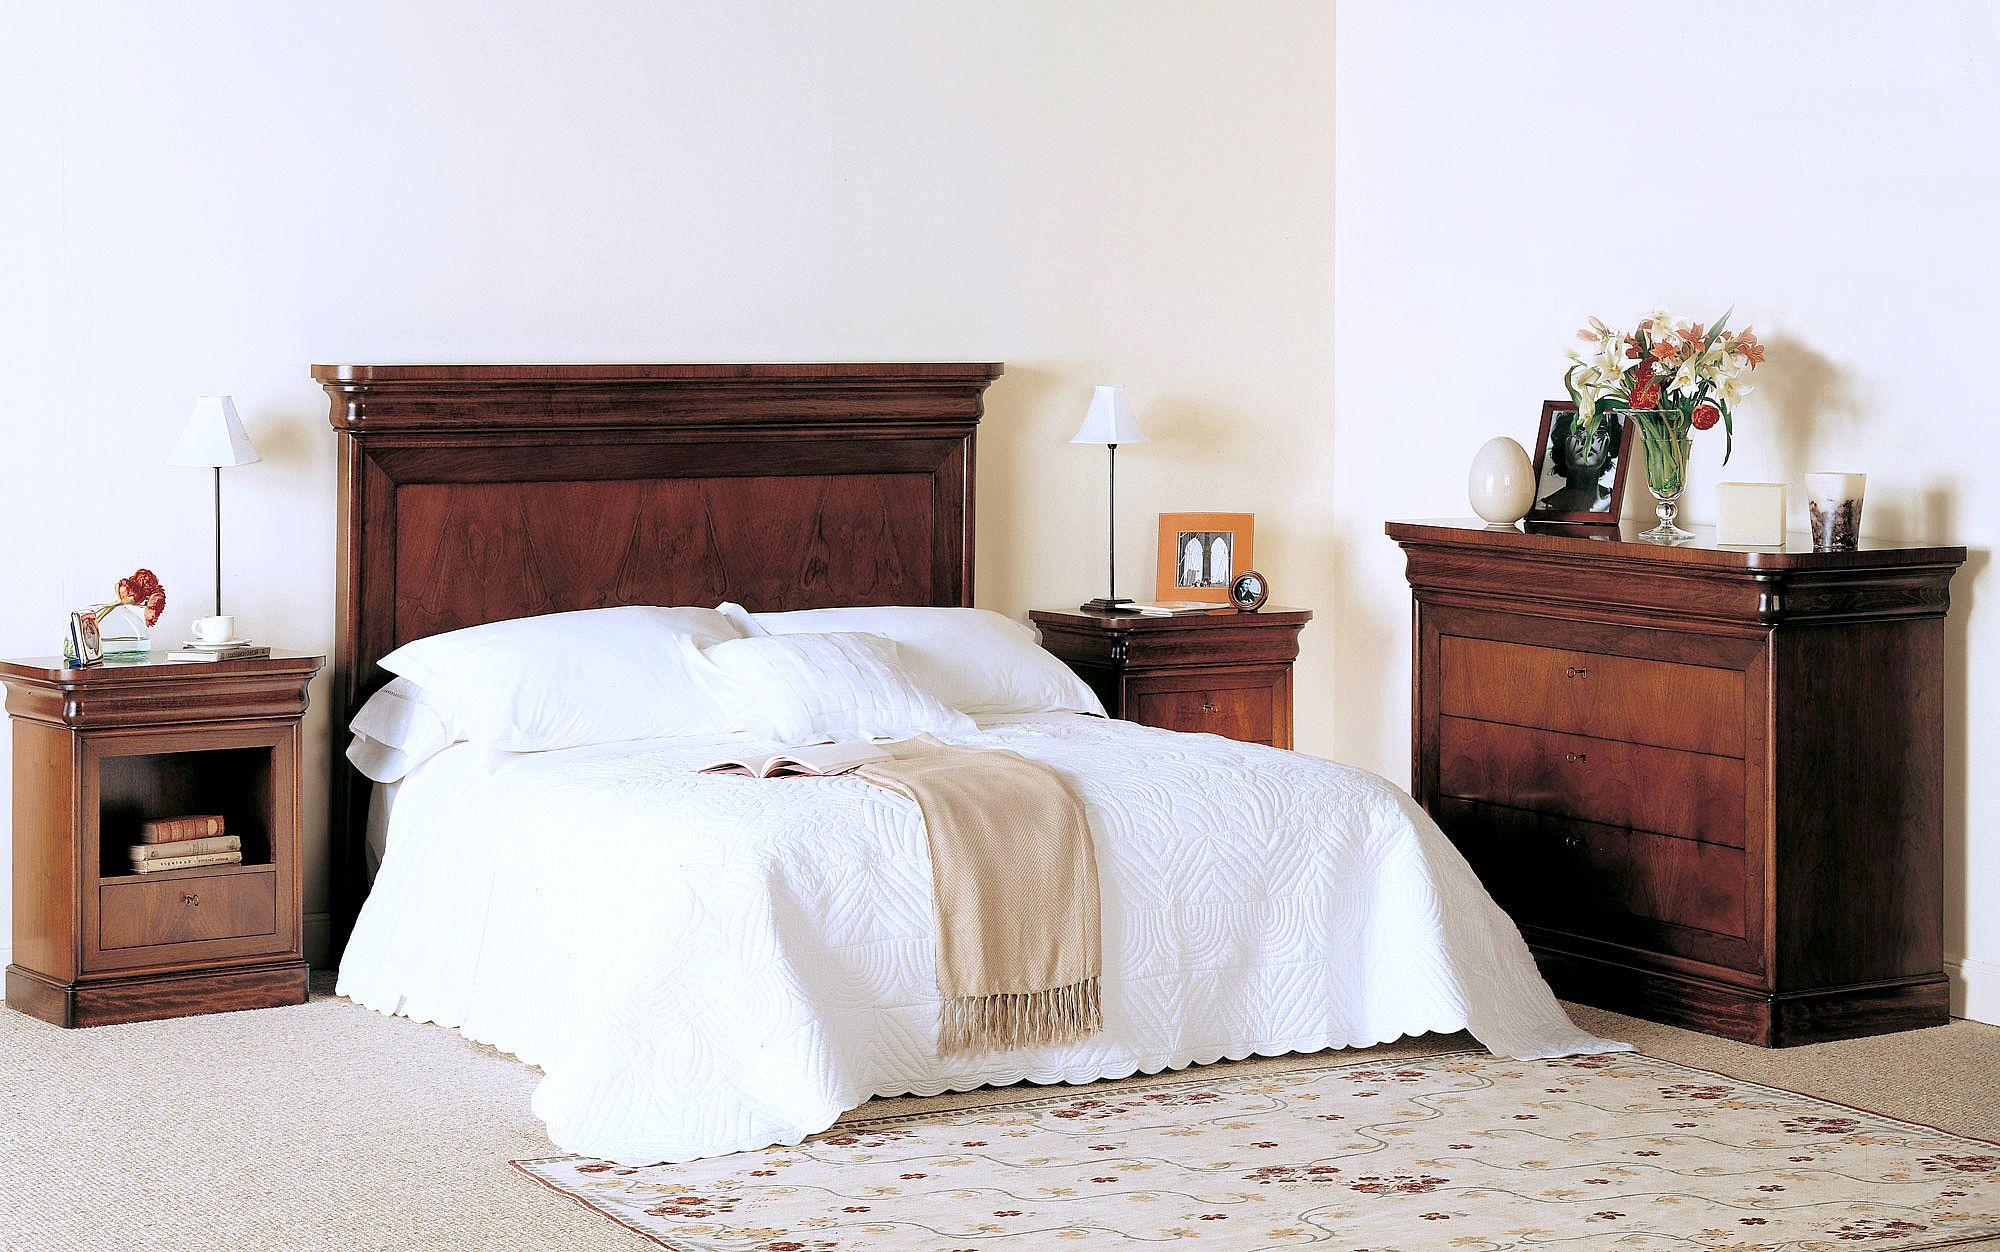 Cabecero dormitorio de alta decoraci n - Mesas para dormitorio ...